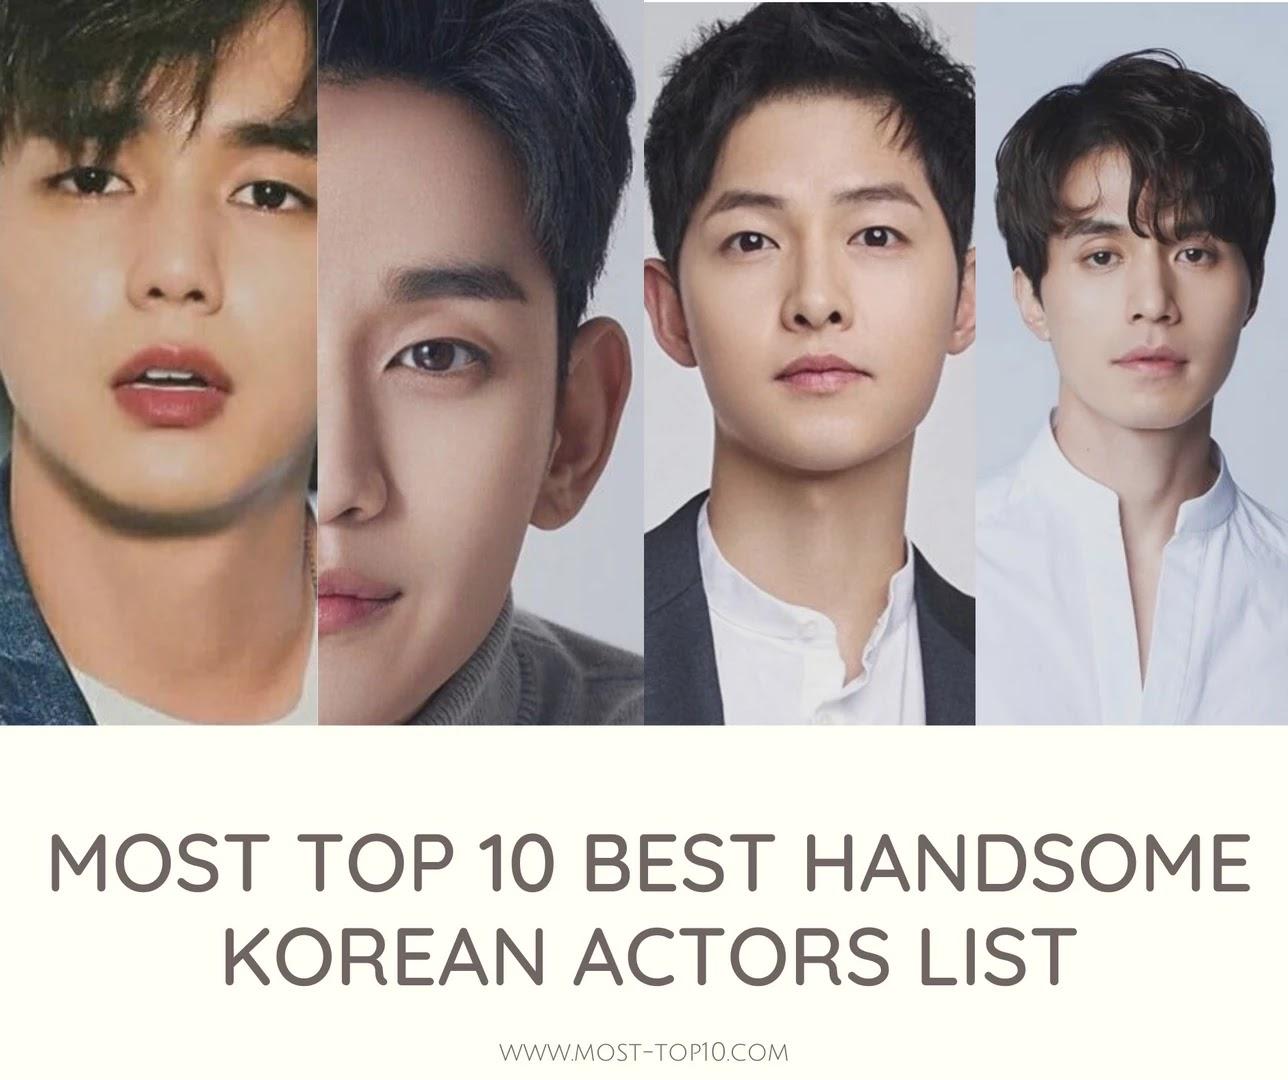 Korean actors best List of